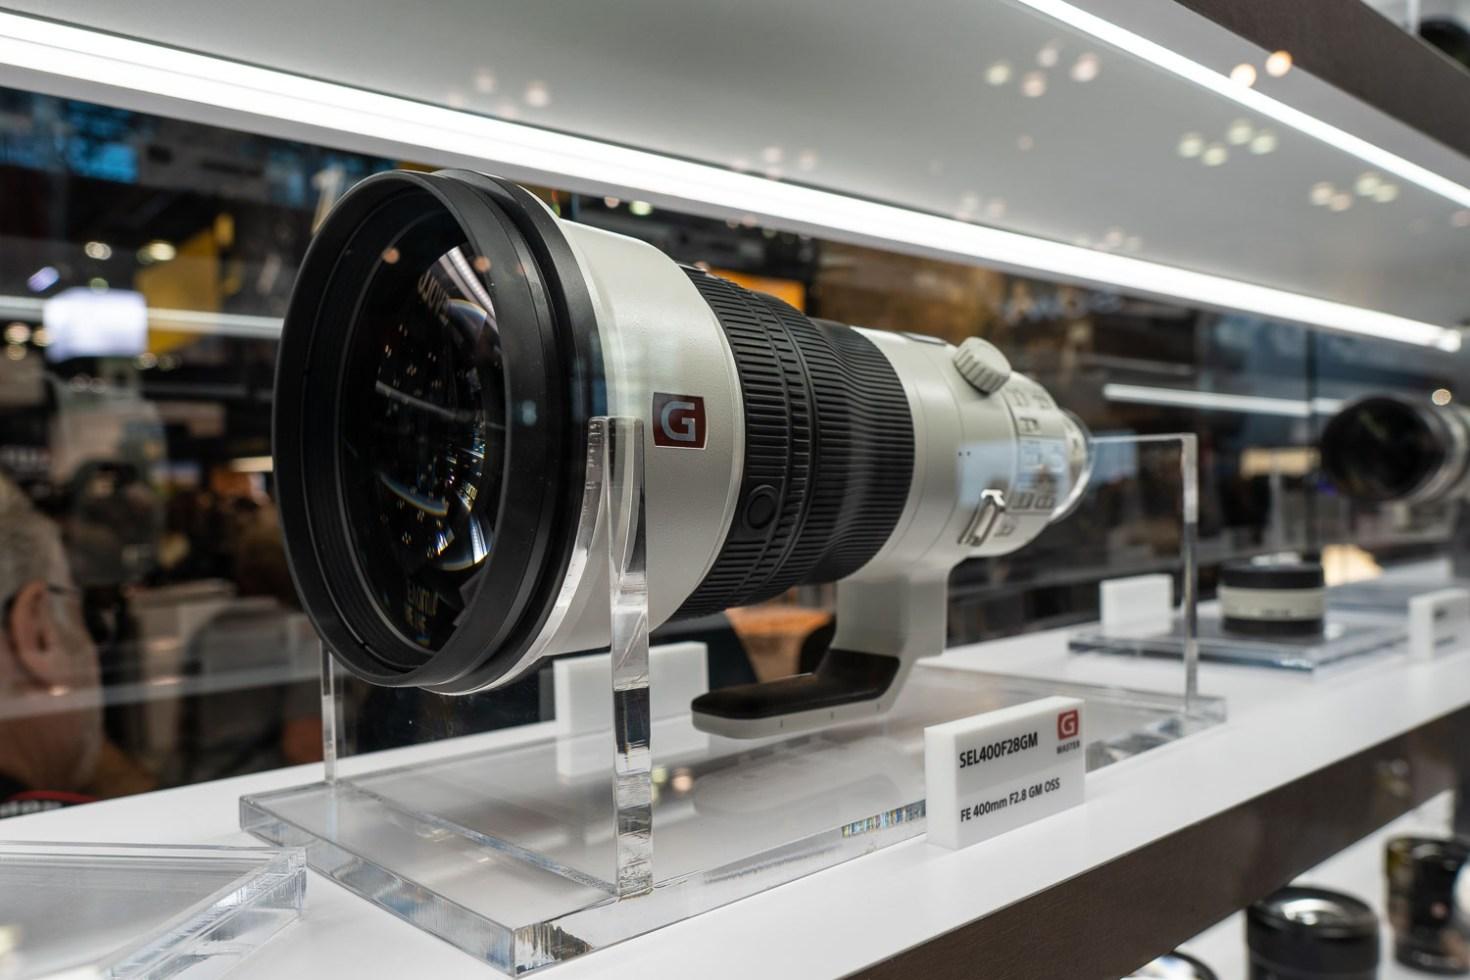 Sony A6500 w/ Sigma 16mm f/1.4 DC DN Lens